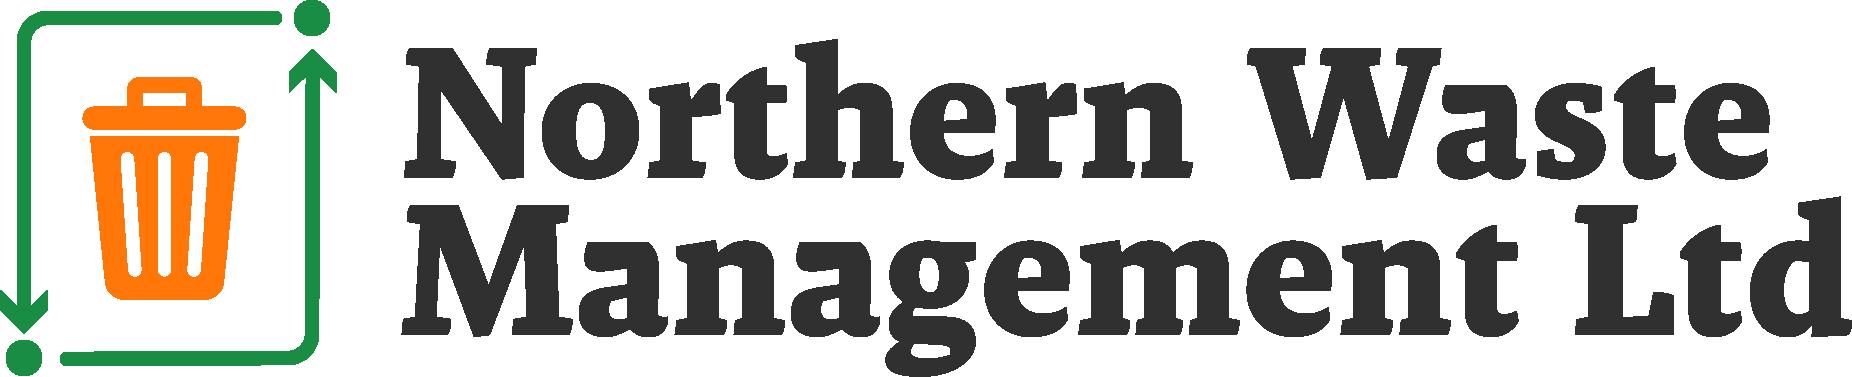 Northern Waste Management